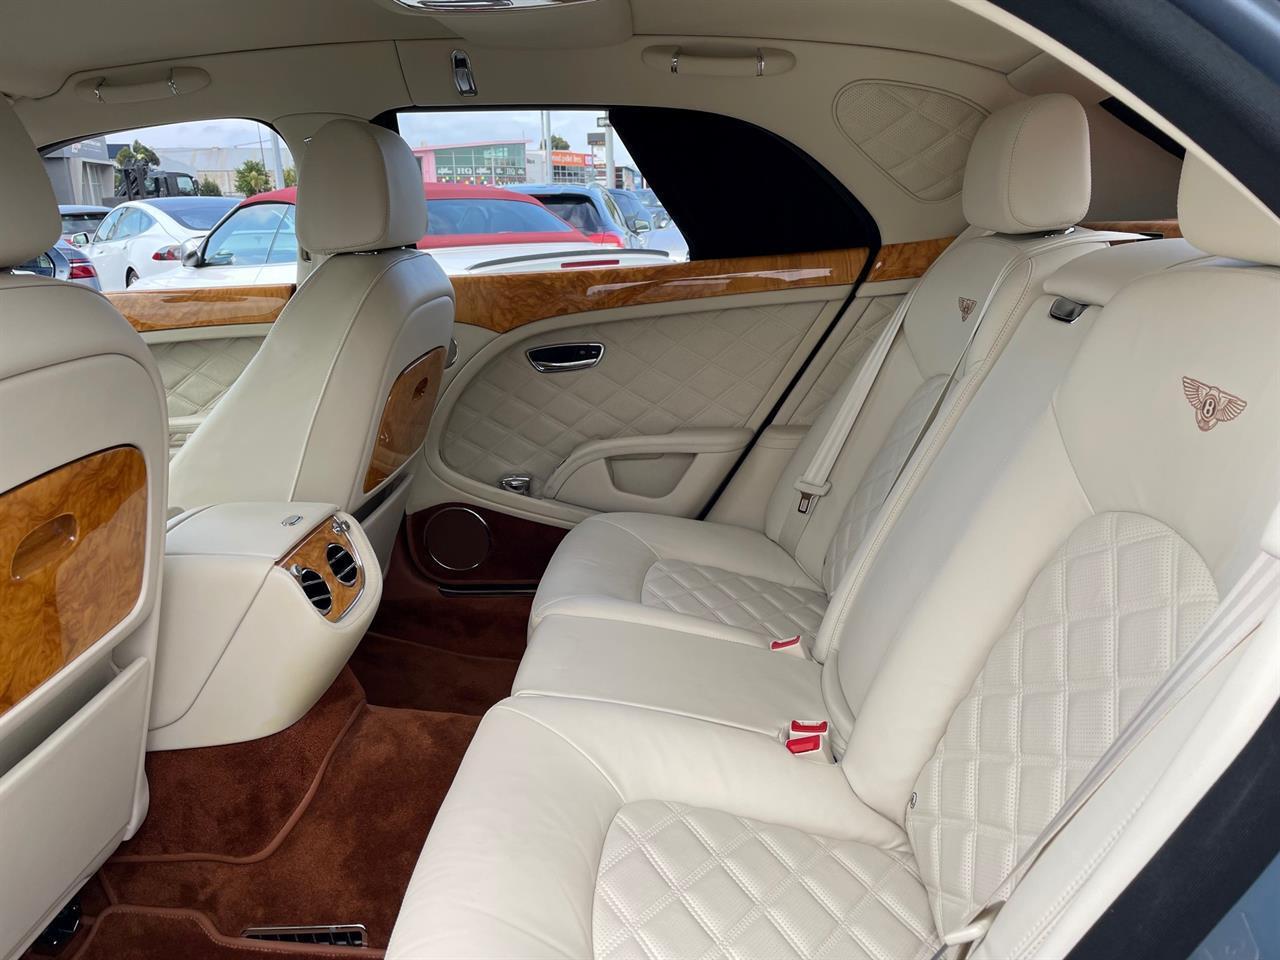 image-9, 2014 Bentley Mulsanne 6.7 V8 Turbo Mulliner at Christchurch